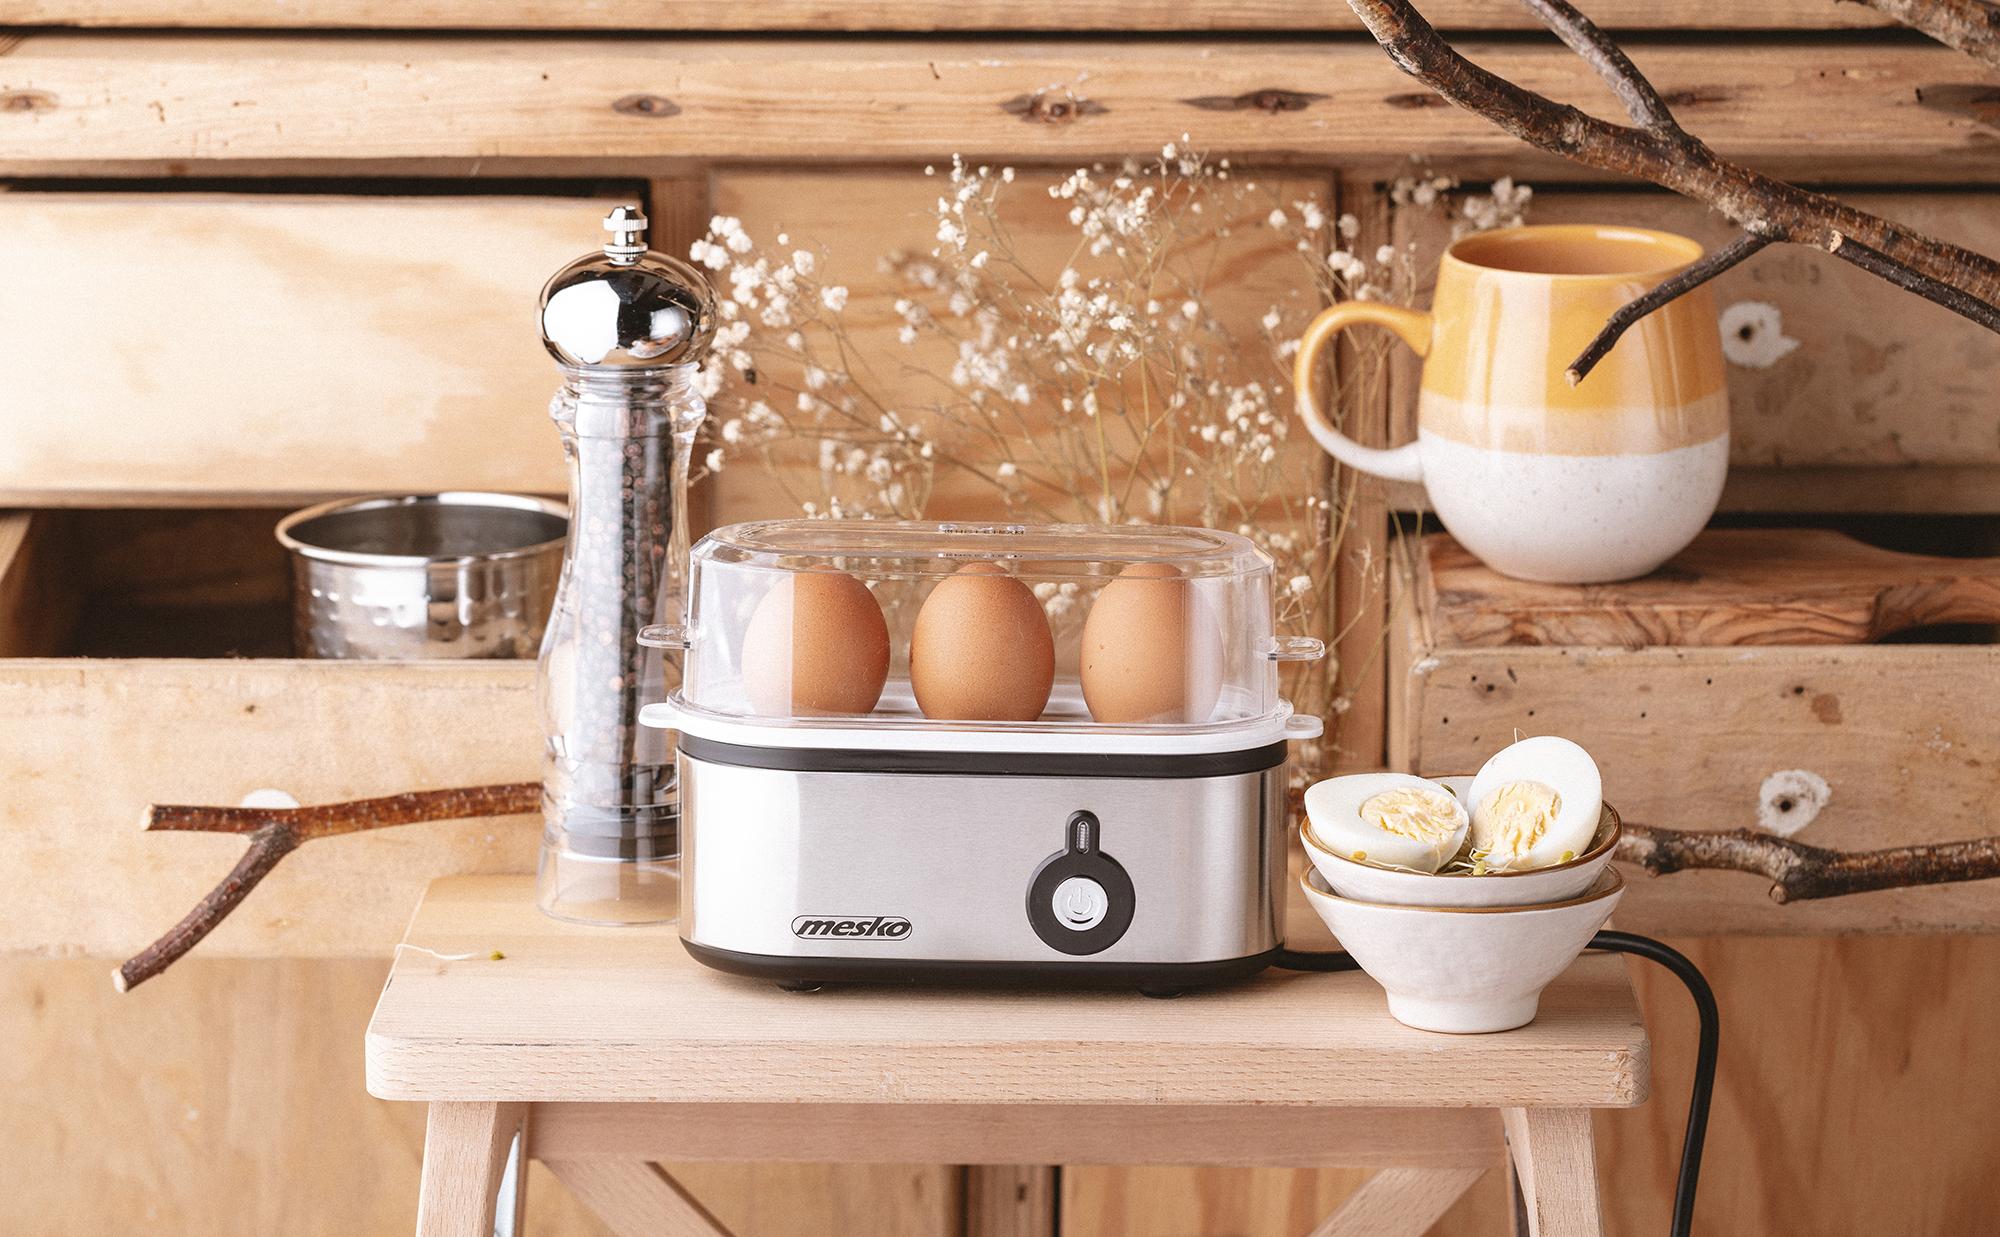 MESKO MS-4485 Cuece Huevos Eléctrico para 3 Huevos, Acero Inoxidable, Protección por Sobre Calentamiento, 350W, Libre de BPA